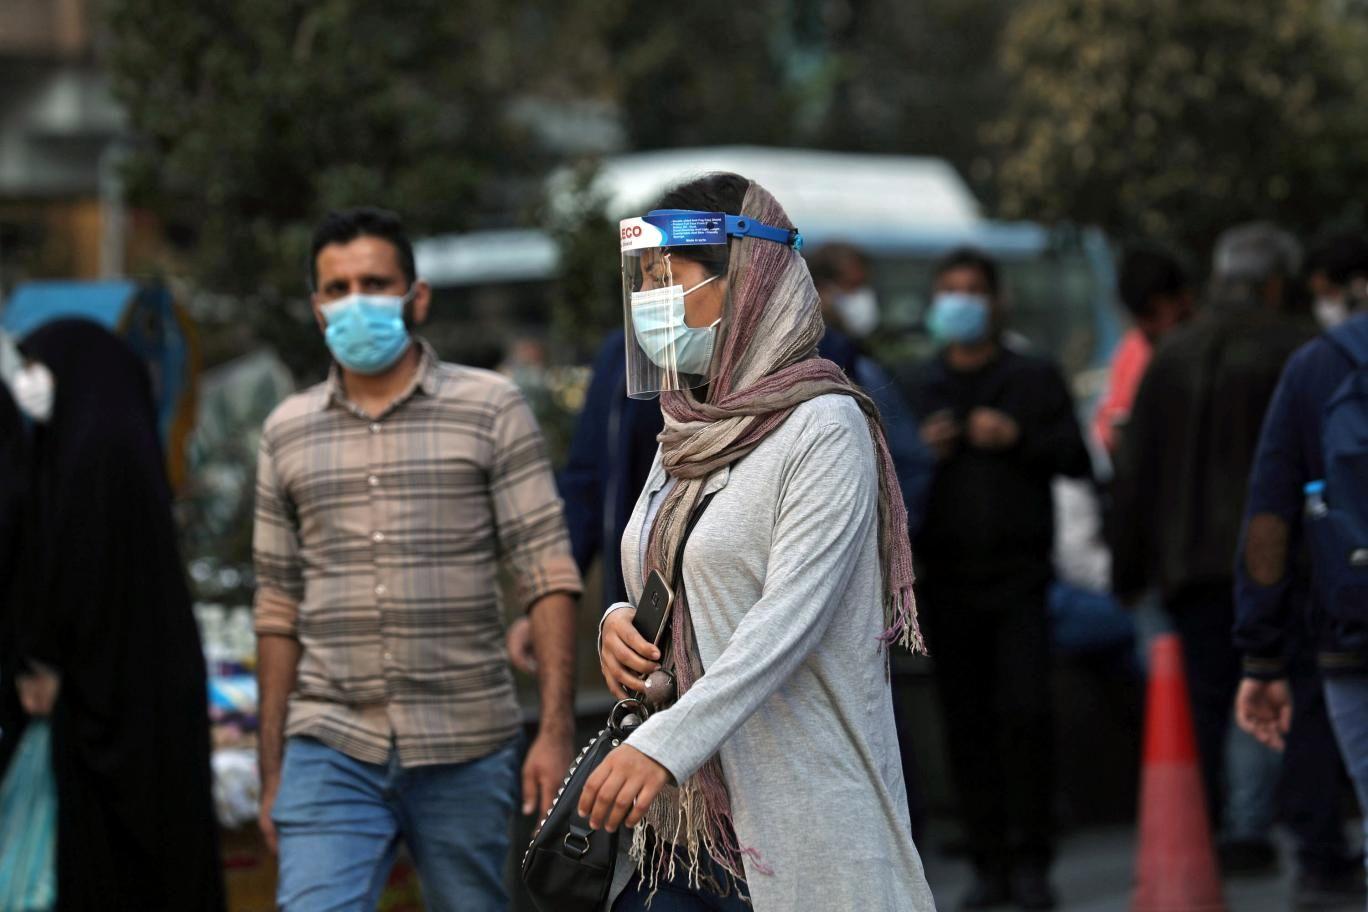 نام شهرهایی که 7 روز تعطیل شدند / استانداری تهران اعلام کرد